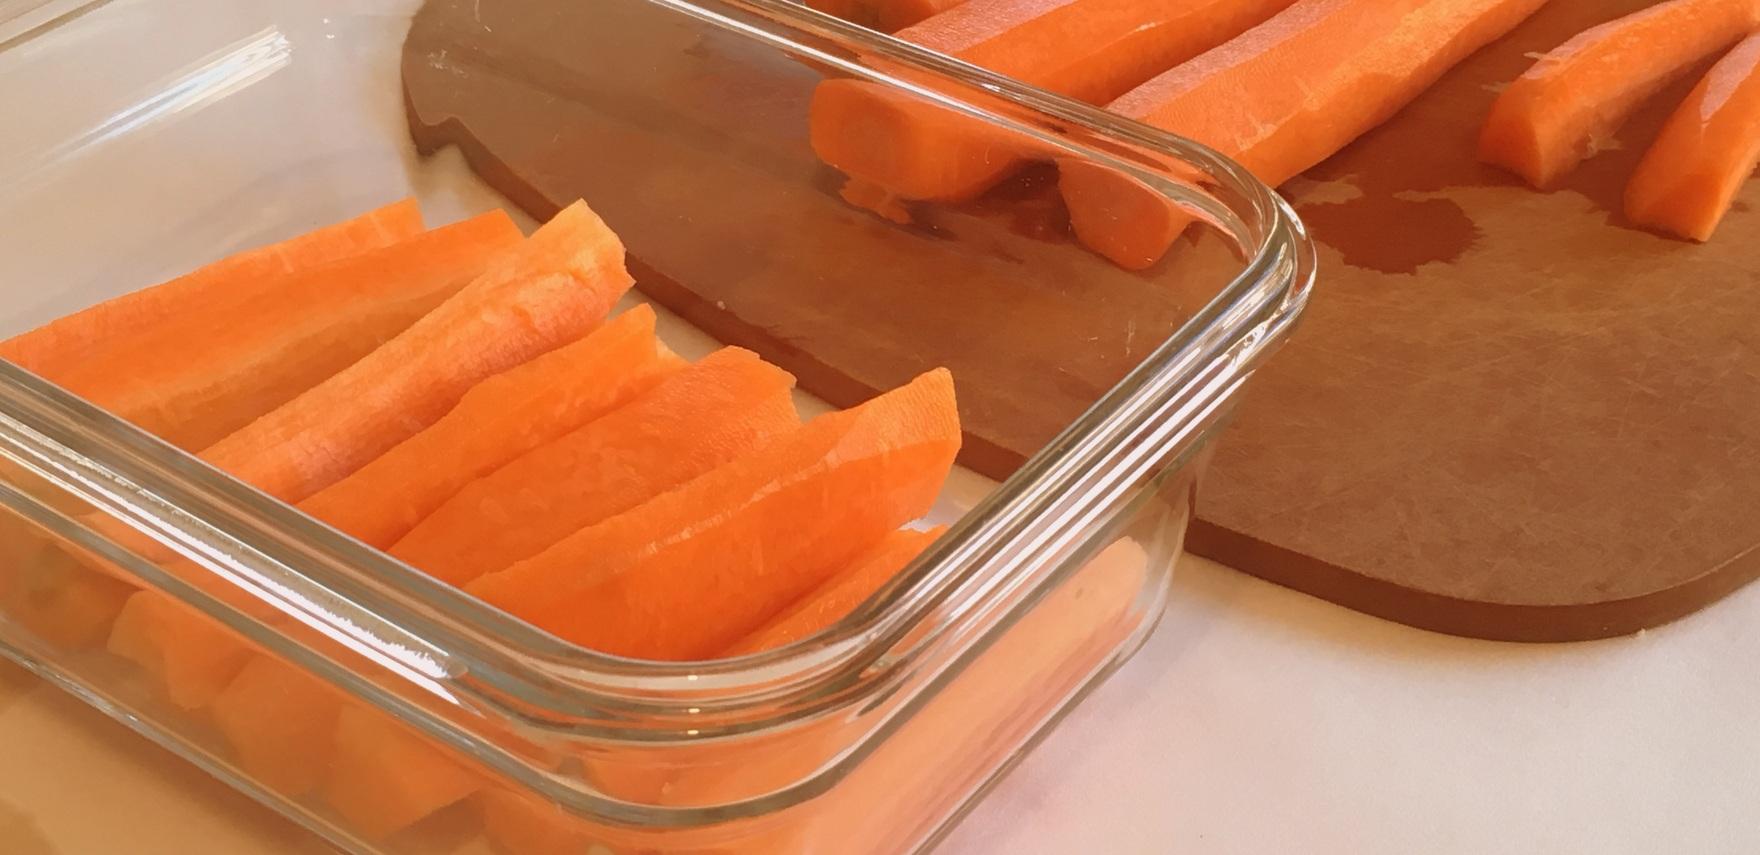 carrots cut up